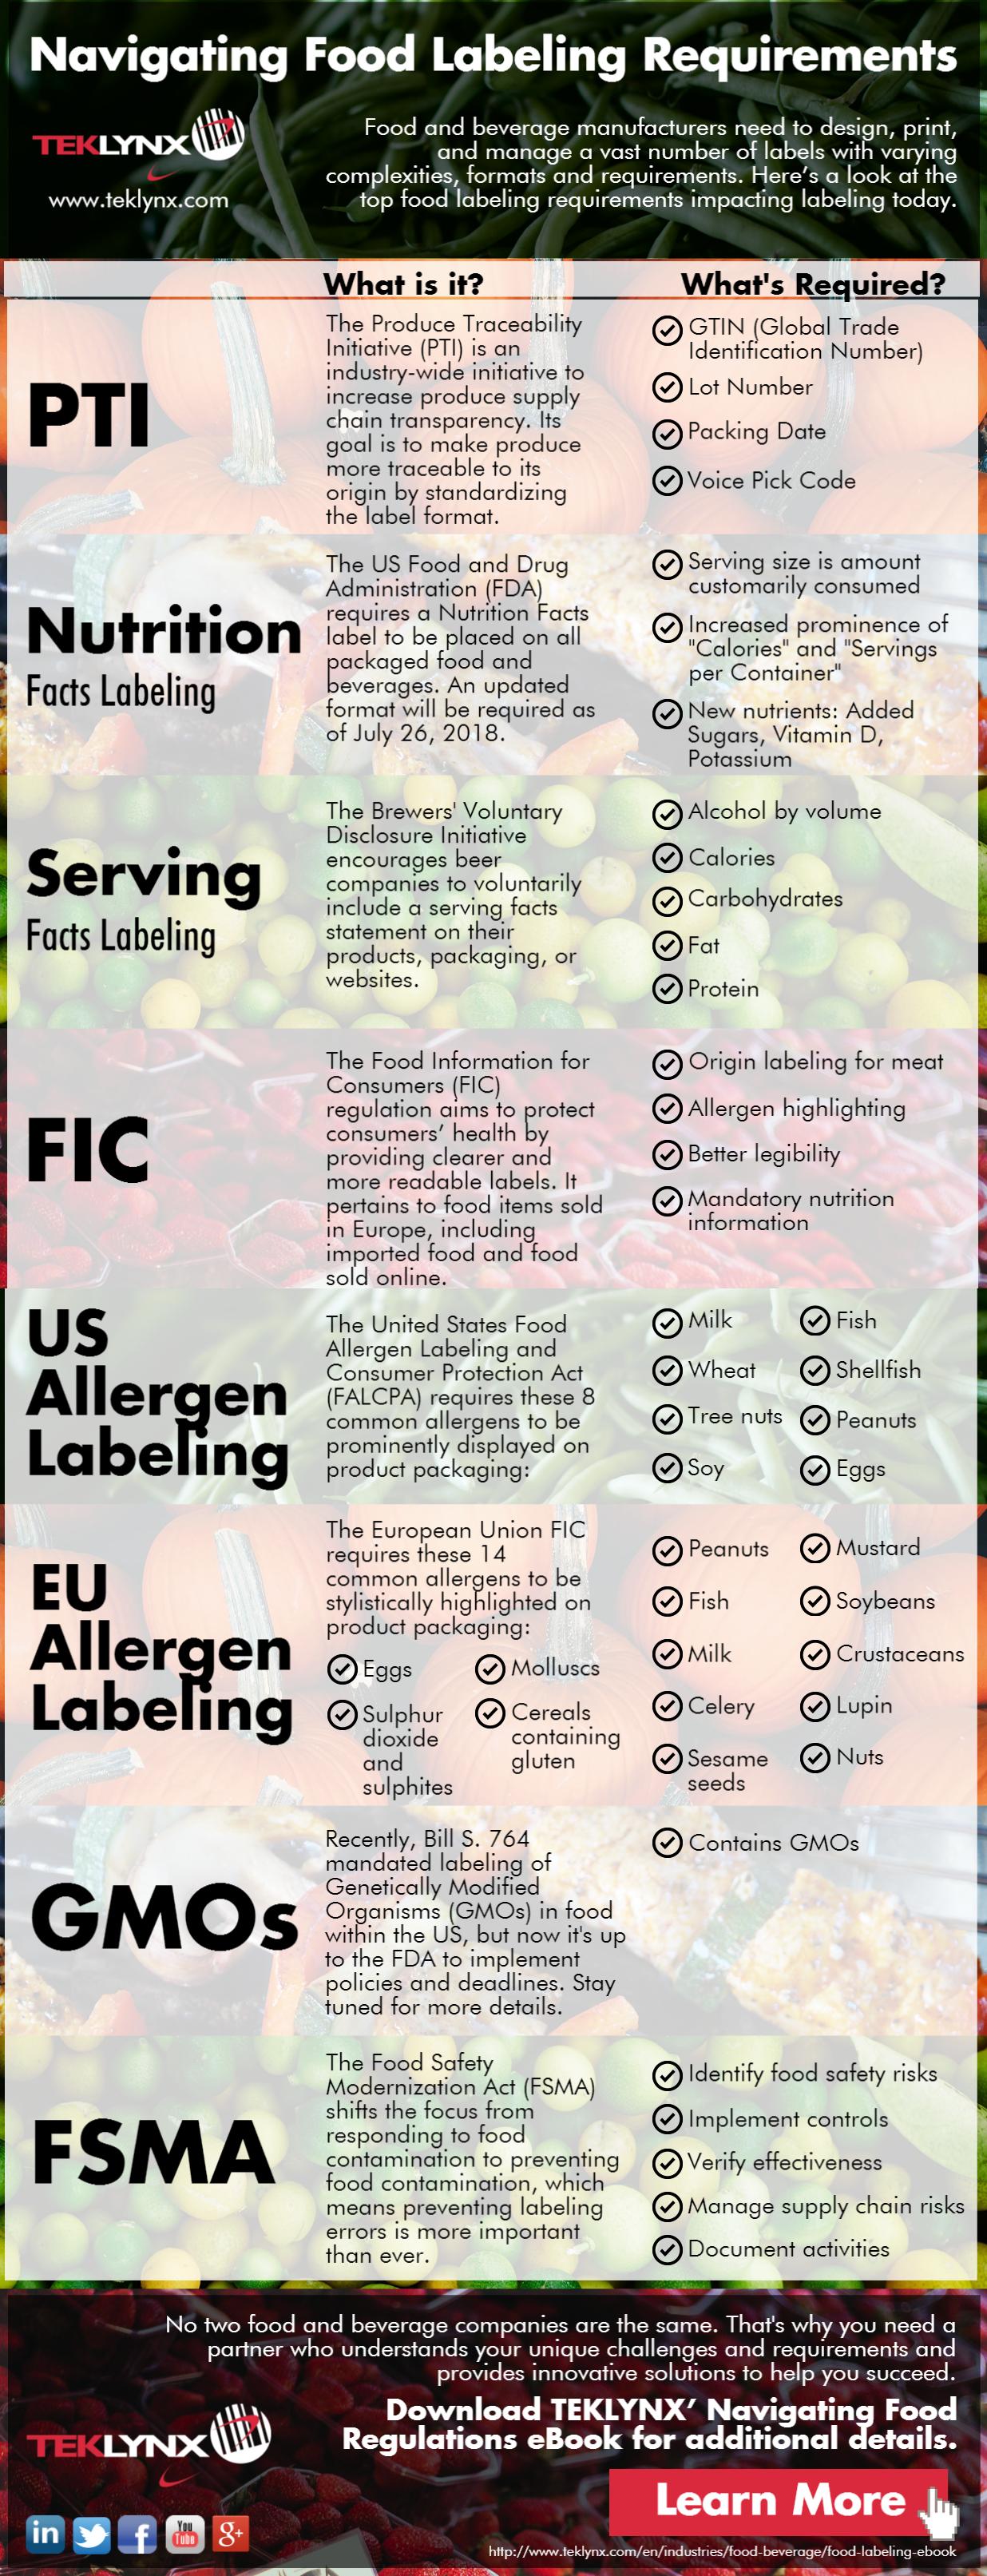 Bảng thông tin: Đáp ứng các yêu cầu về ghi nhãn mác thực phẩm